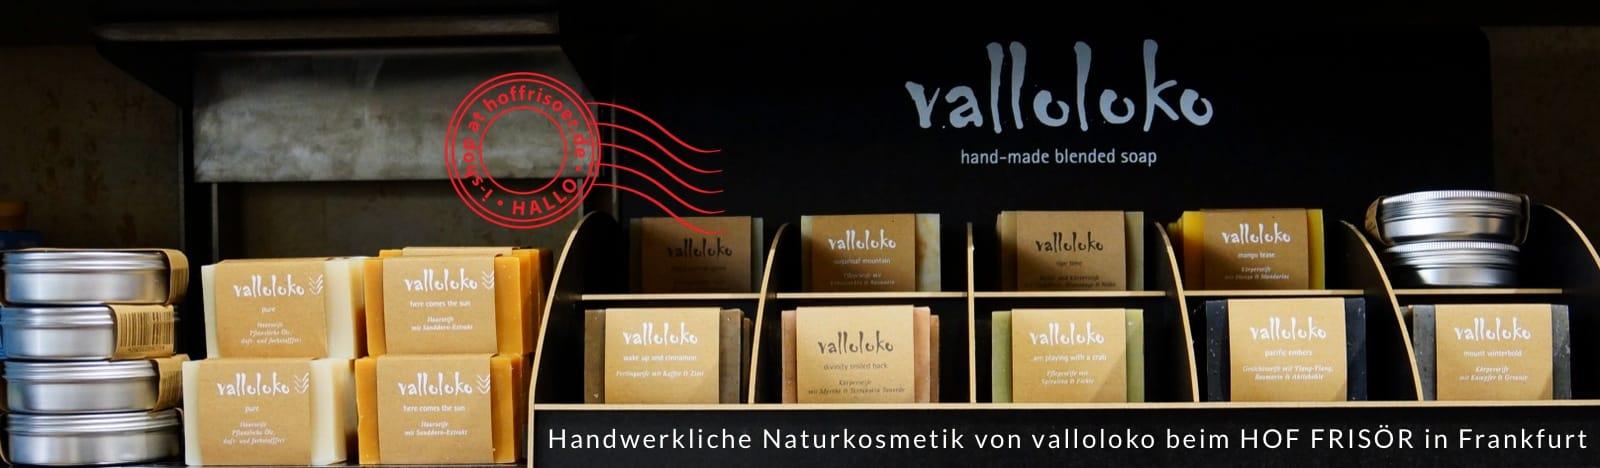 Handwerkliche Naturkosmetik von valloloko gibt es beim HOF FRISÖR in Frankfurt am Main zu kaufen.